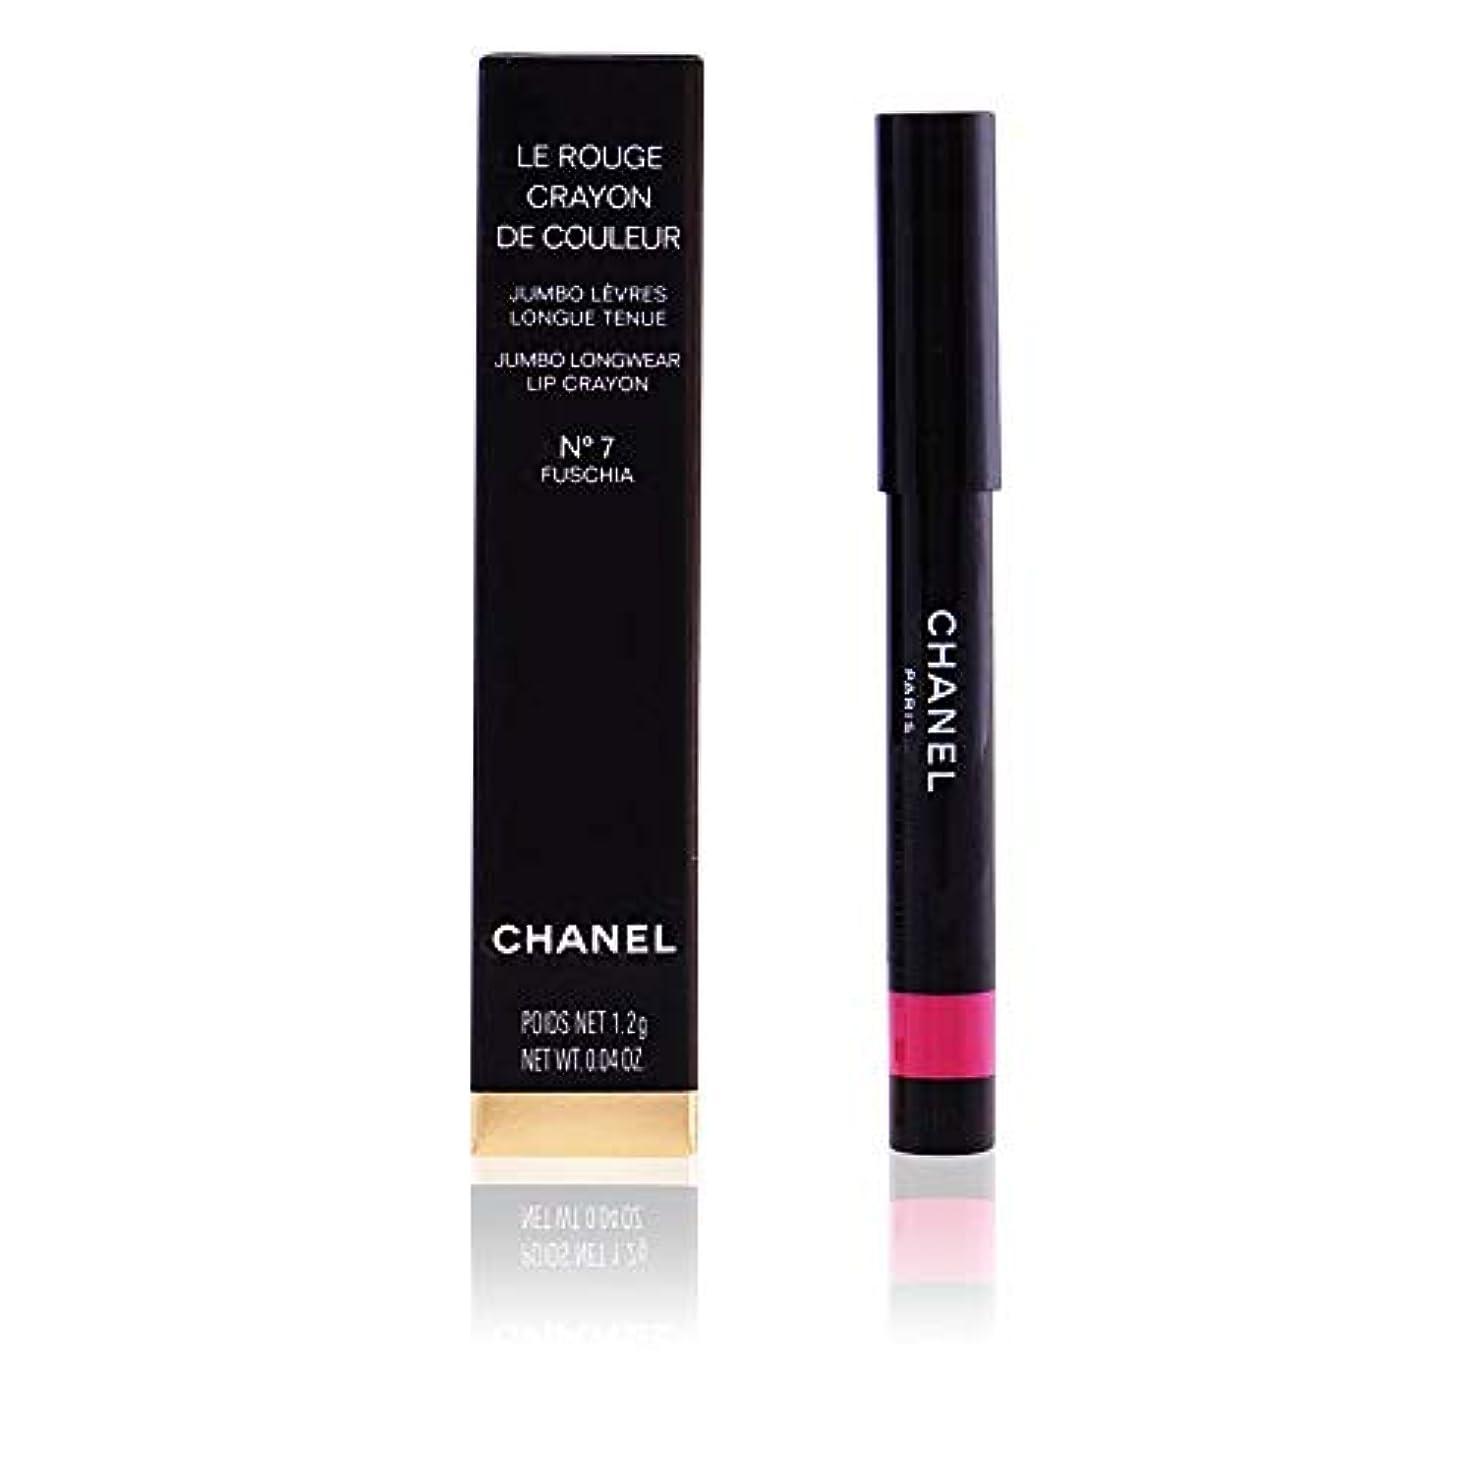 ページ大ヘリコプターシャネル Le Rouge Crayon De Couleur Jumbo Longwear Lip Crayon - # 2 Rose Violine 1.2g/0.04oz並行輸入品